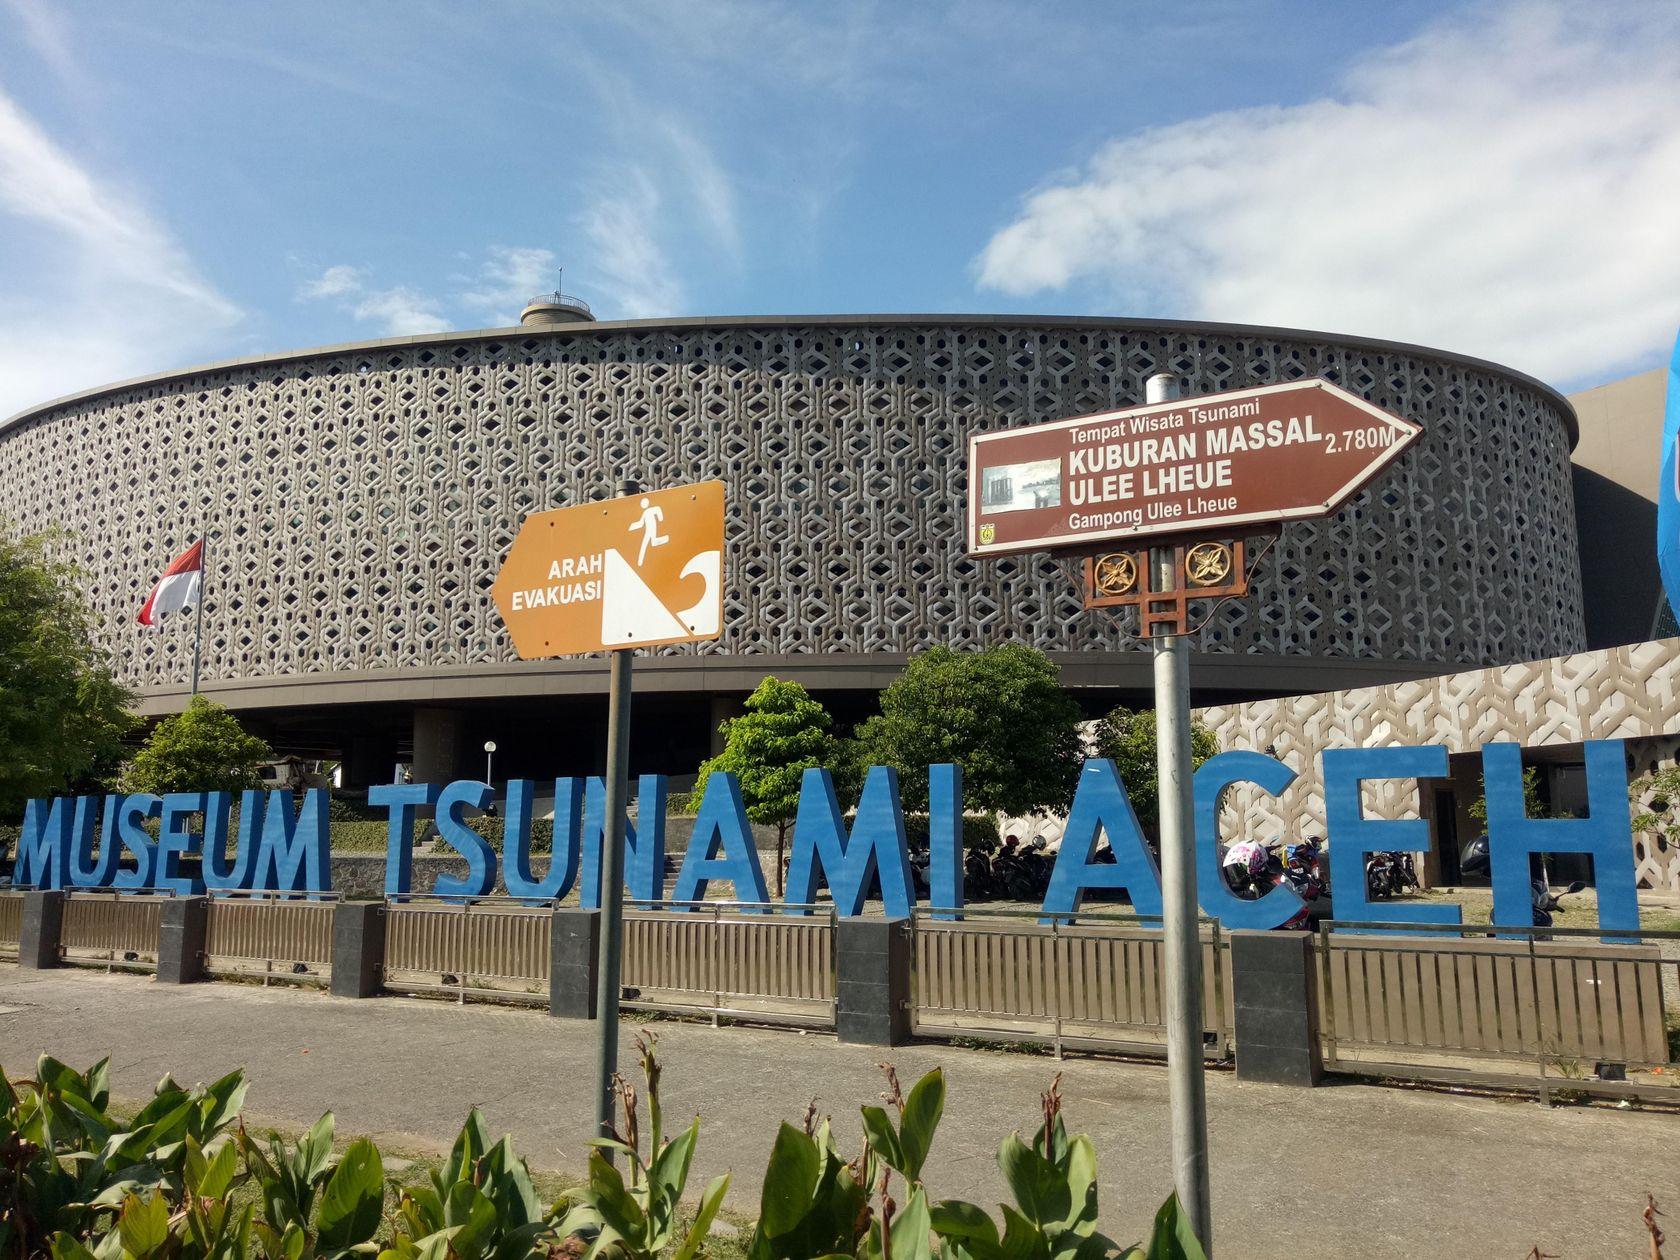 Museum Tsunami Aceh Steemit 26 Desember 2004 Mengalami Musibah Dahsyat